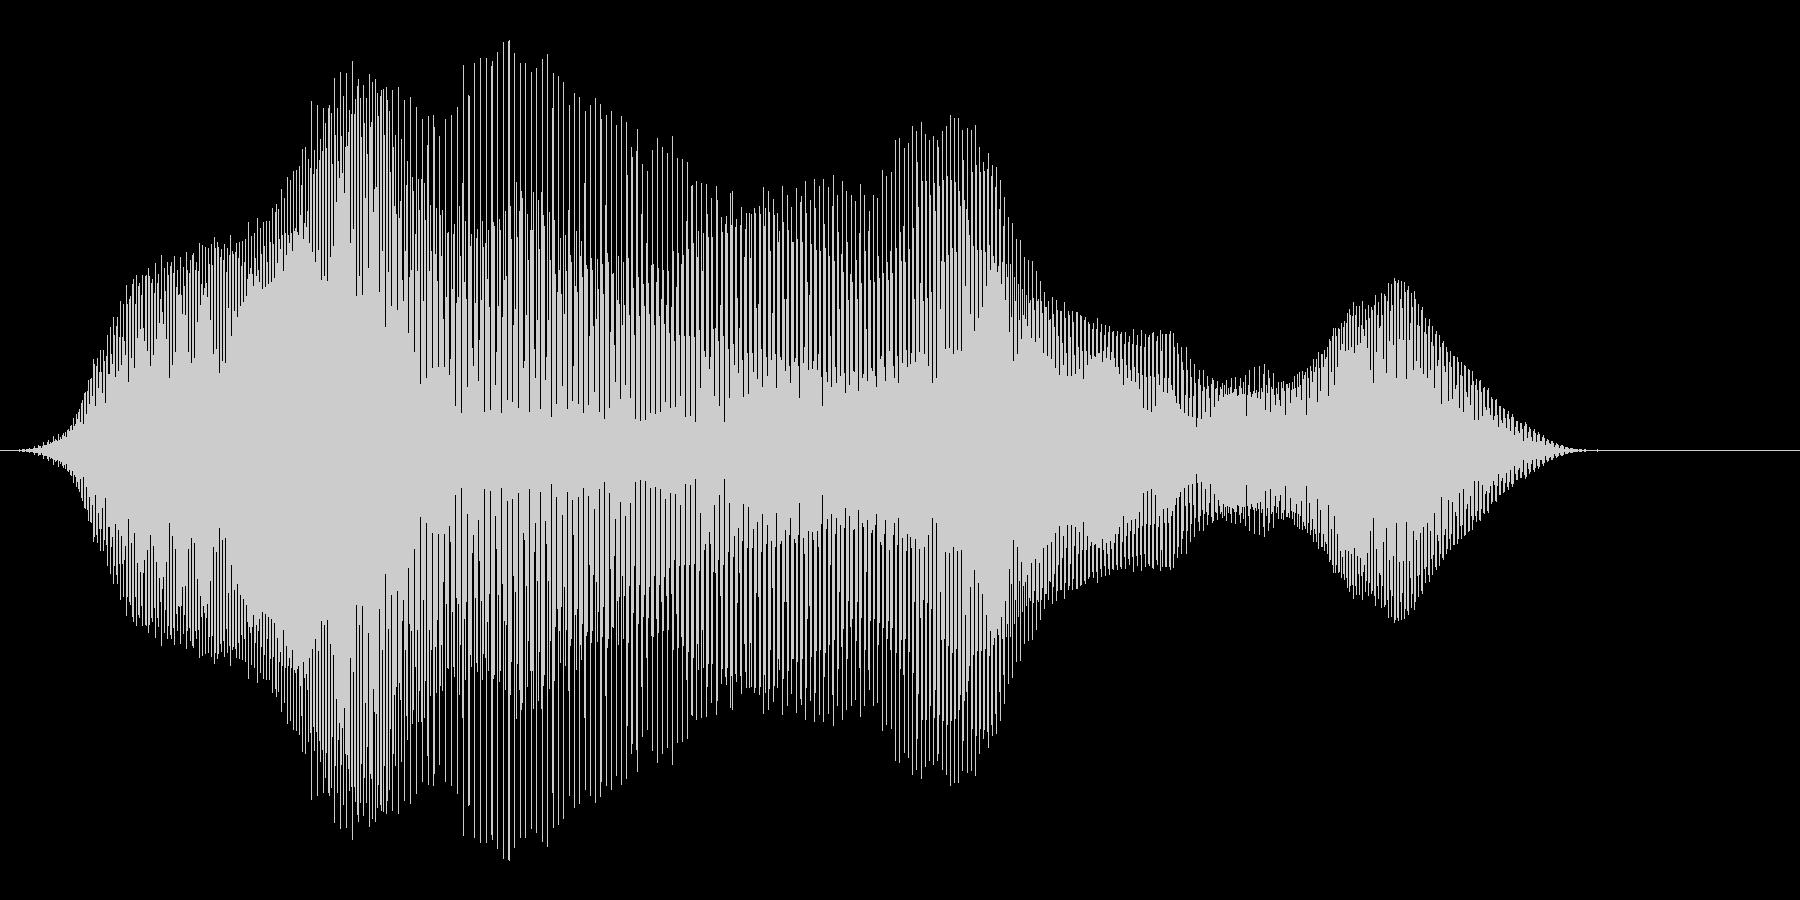 いぇーい!【ロリキャラの褒めボイス】の未再生の波形